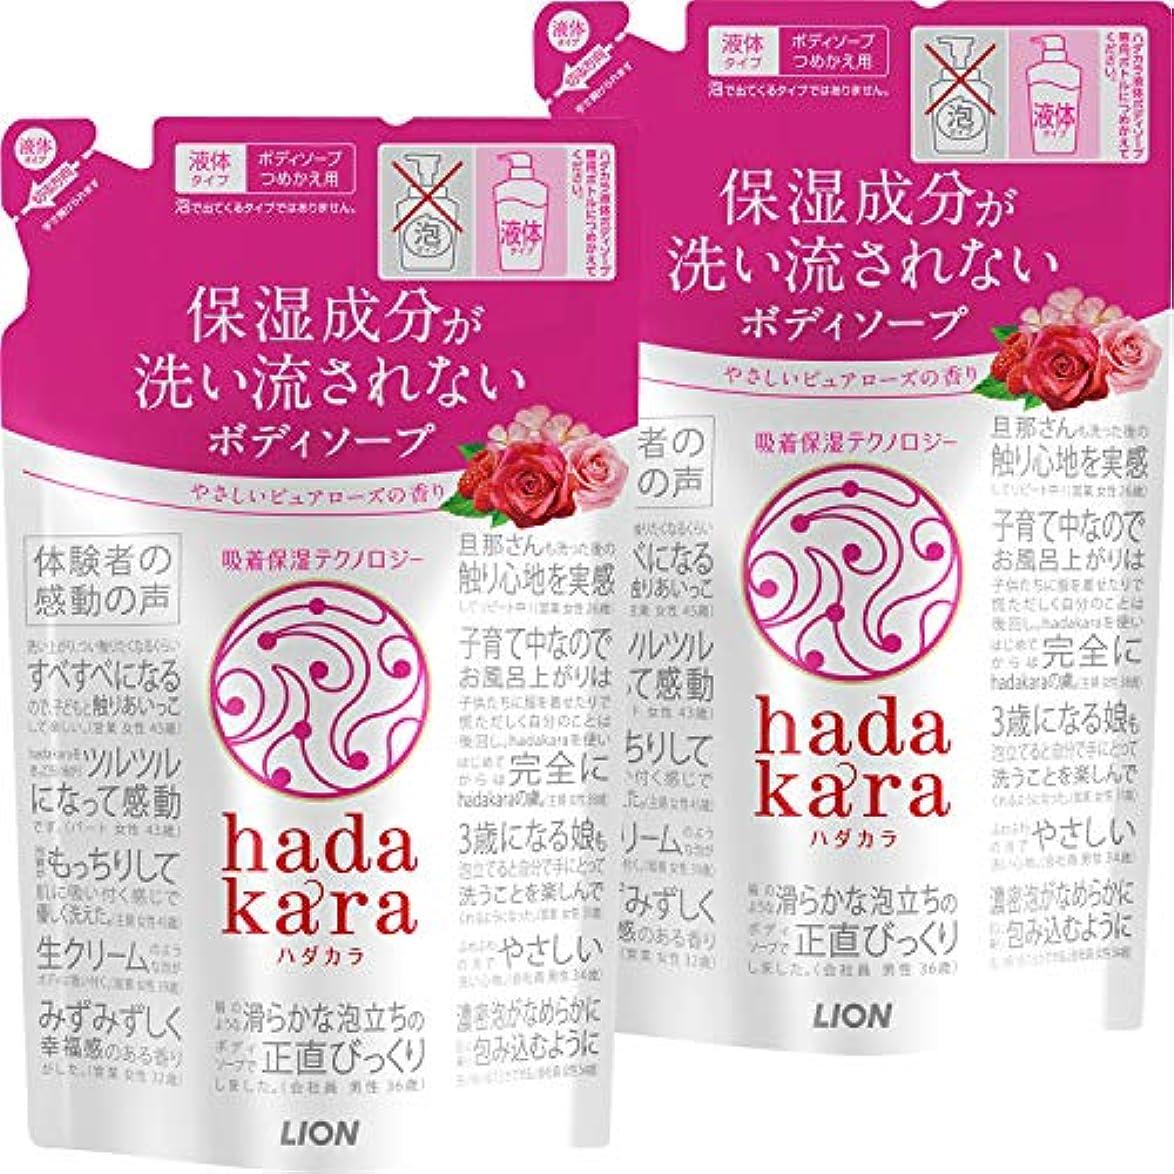 オープナー恐ろしいジャンプする【まとめ買い】hadakara(ハダカラ) ボディソープ ピュアローズの香り 詰め替え 360ml×2個パック